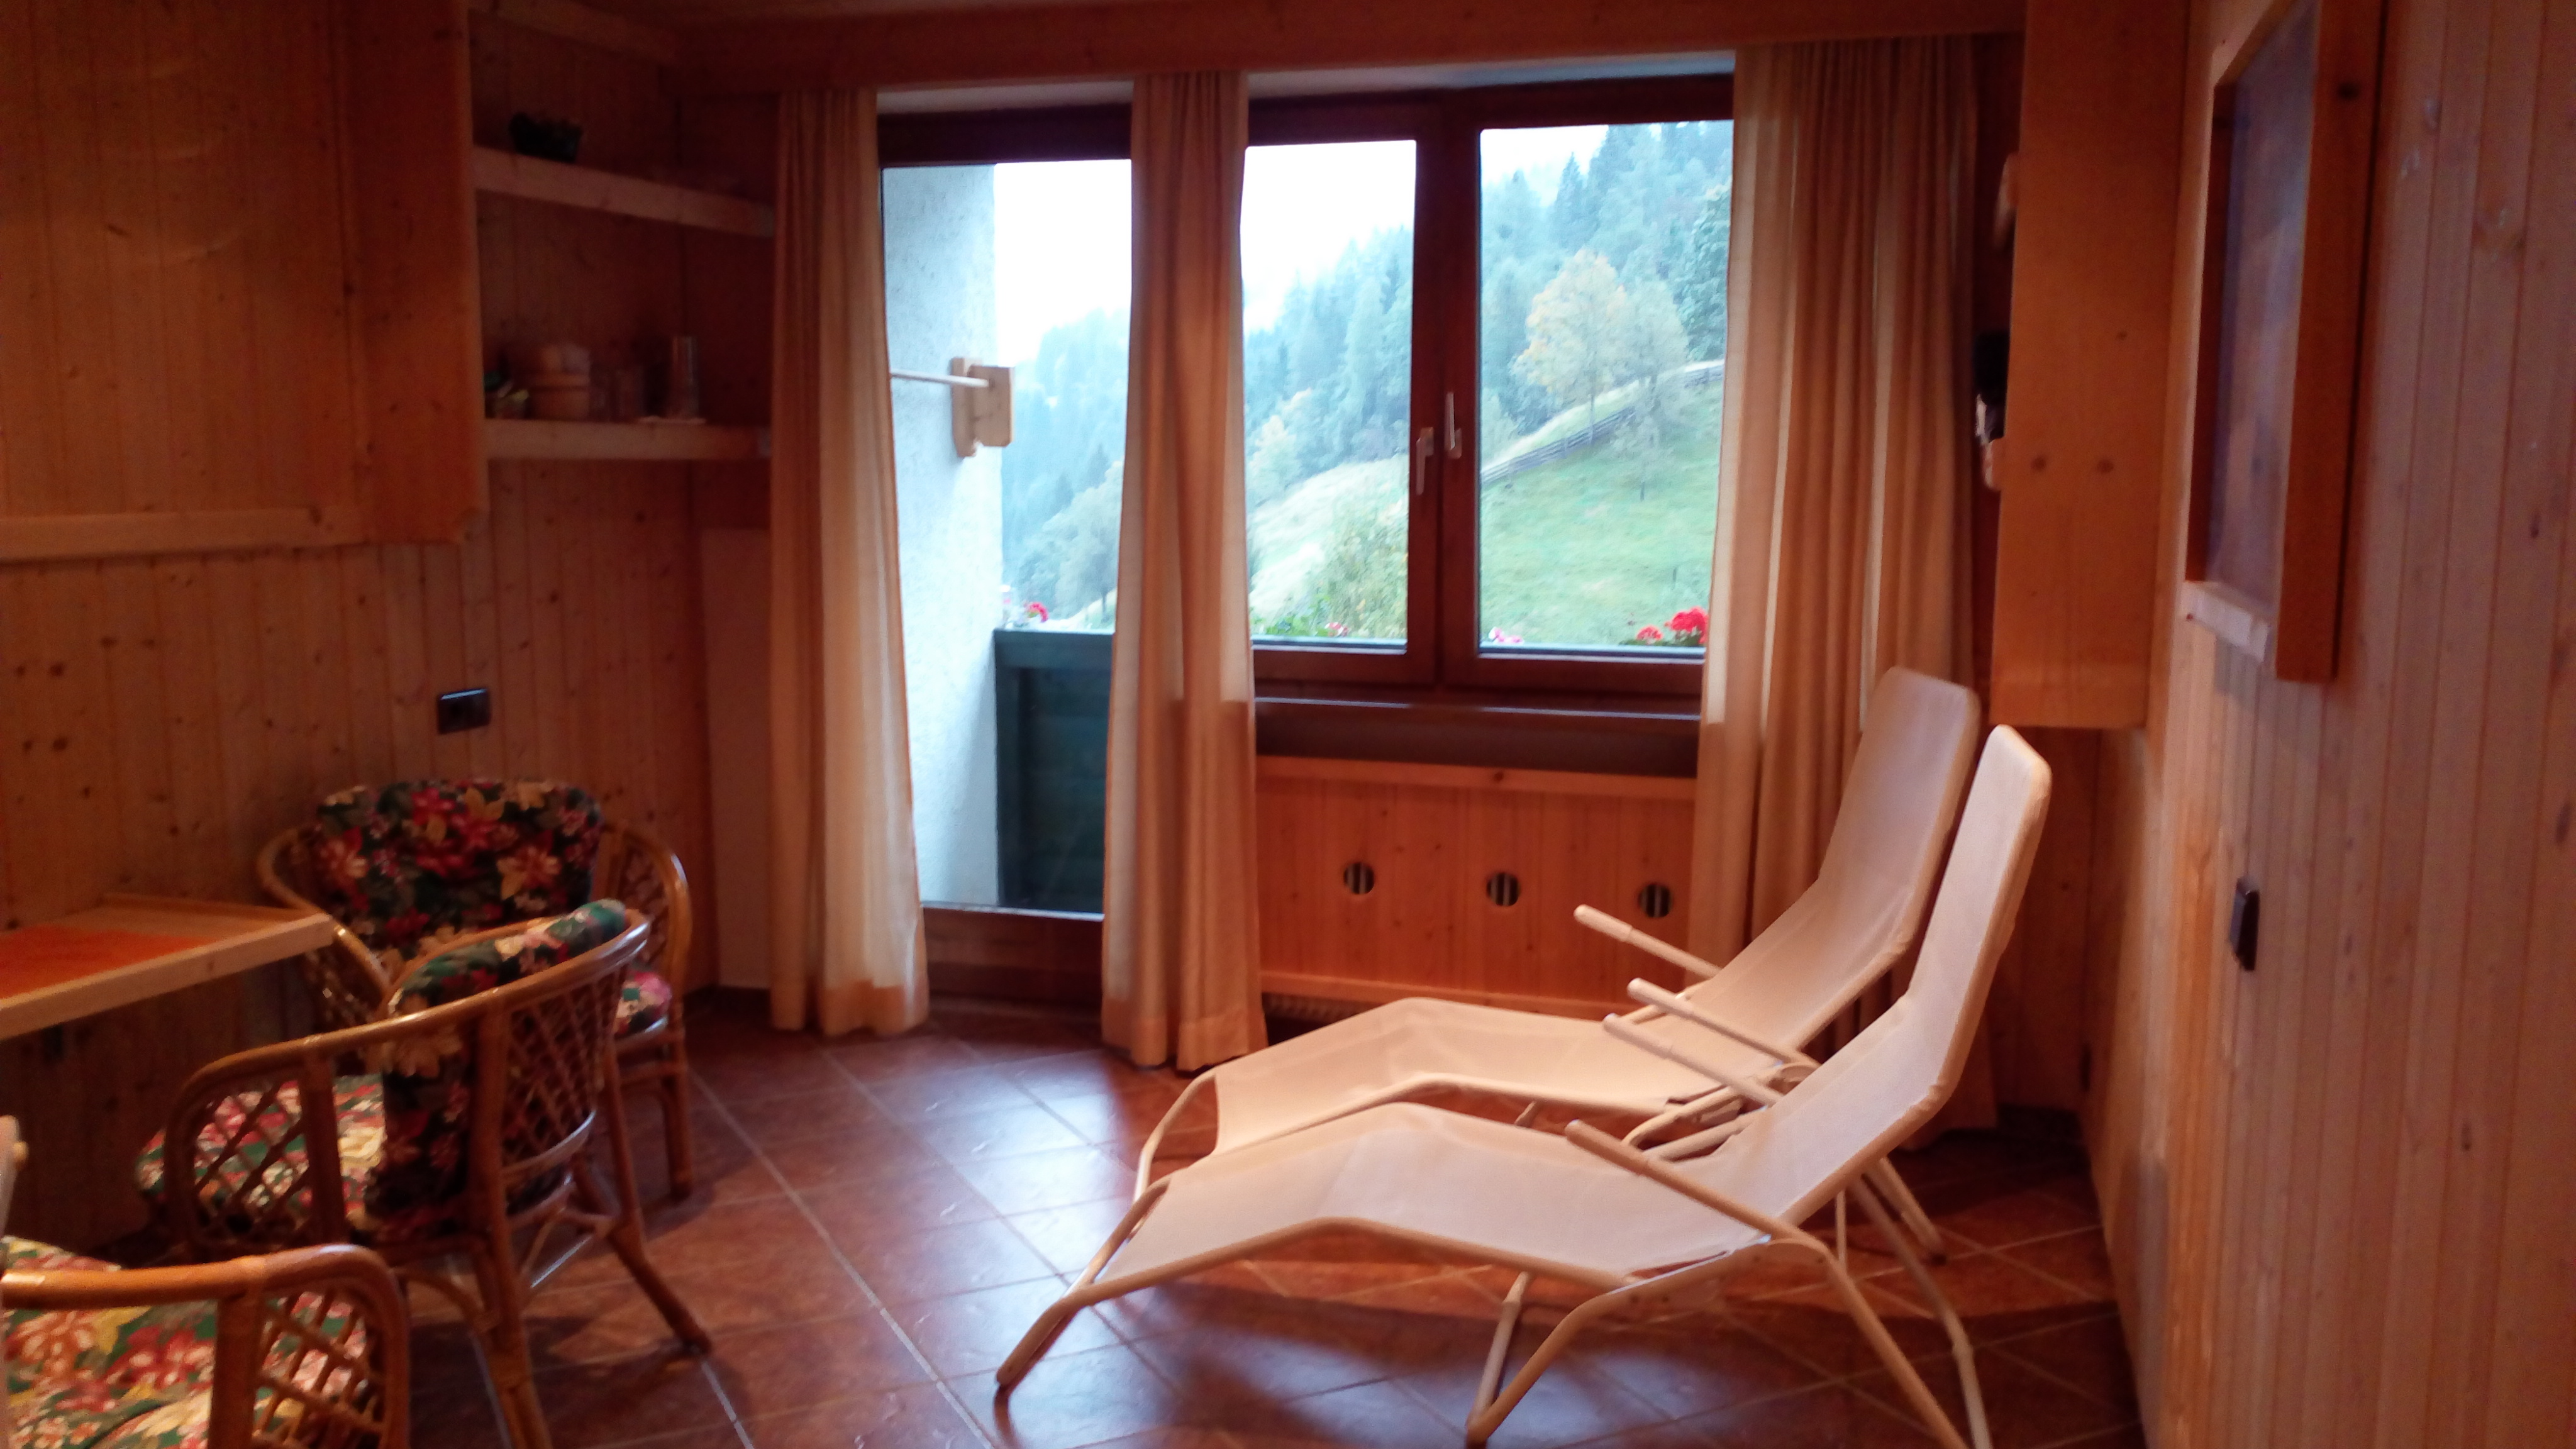 sauna archives appartements helsen. Black Bedroom Furniture Sets. Home Design Ideas